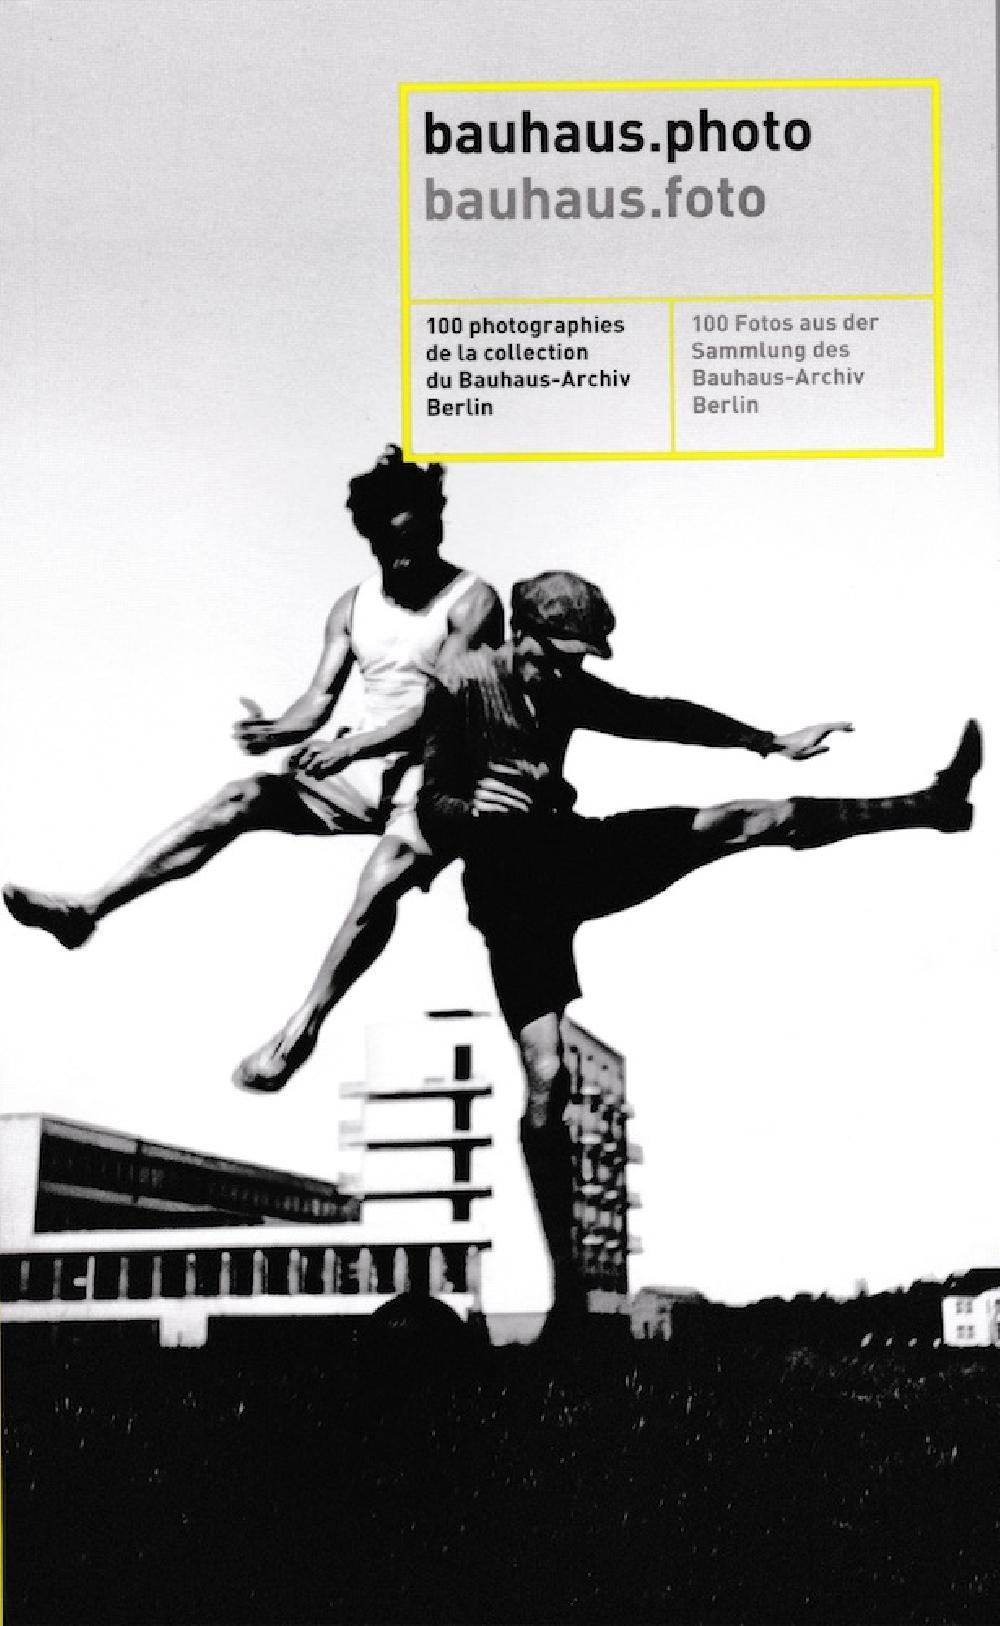 Bauhaus.photo / Bauhaus.foto / 100 photographie de la collection du Bauhaus-Archiv Berlin